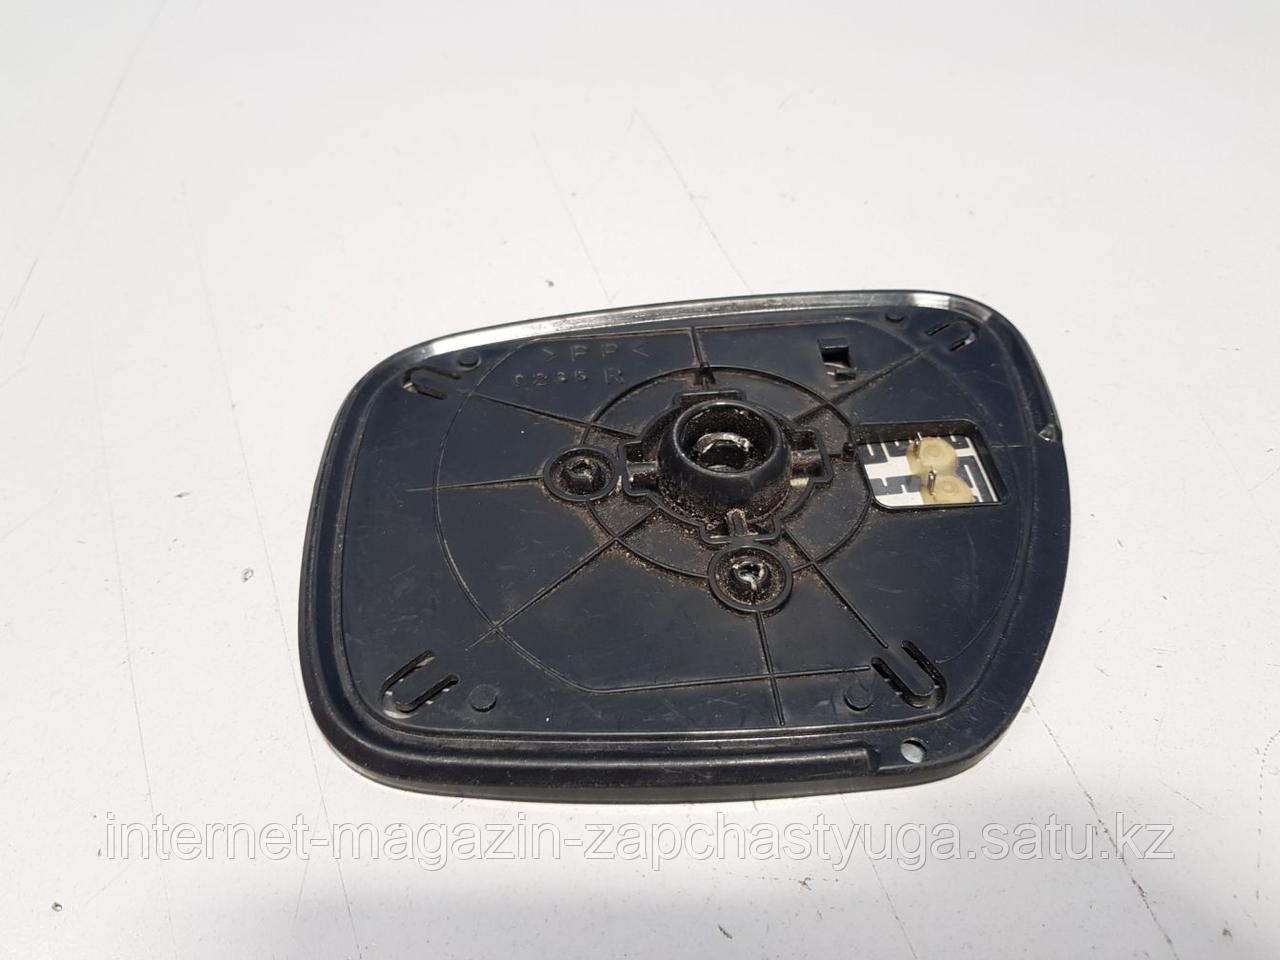 CC43691G1 Зеркальный элемент правый для Mazda CX-7 2007-2012 Б/У - фото 3